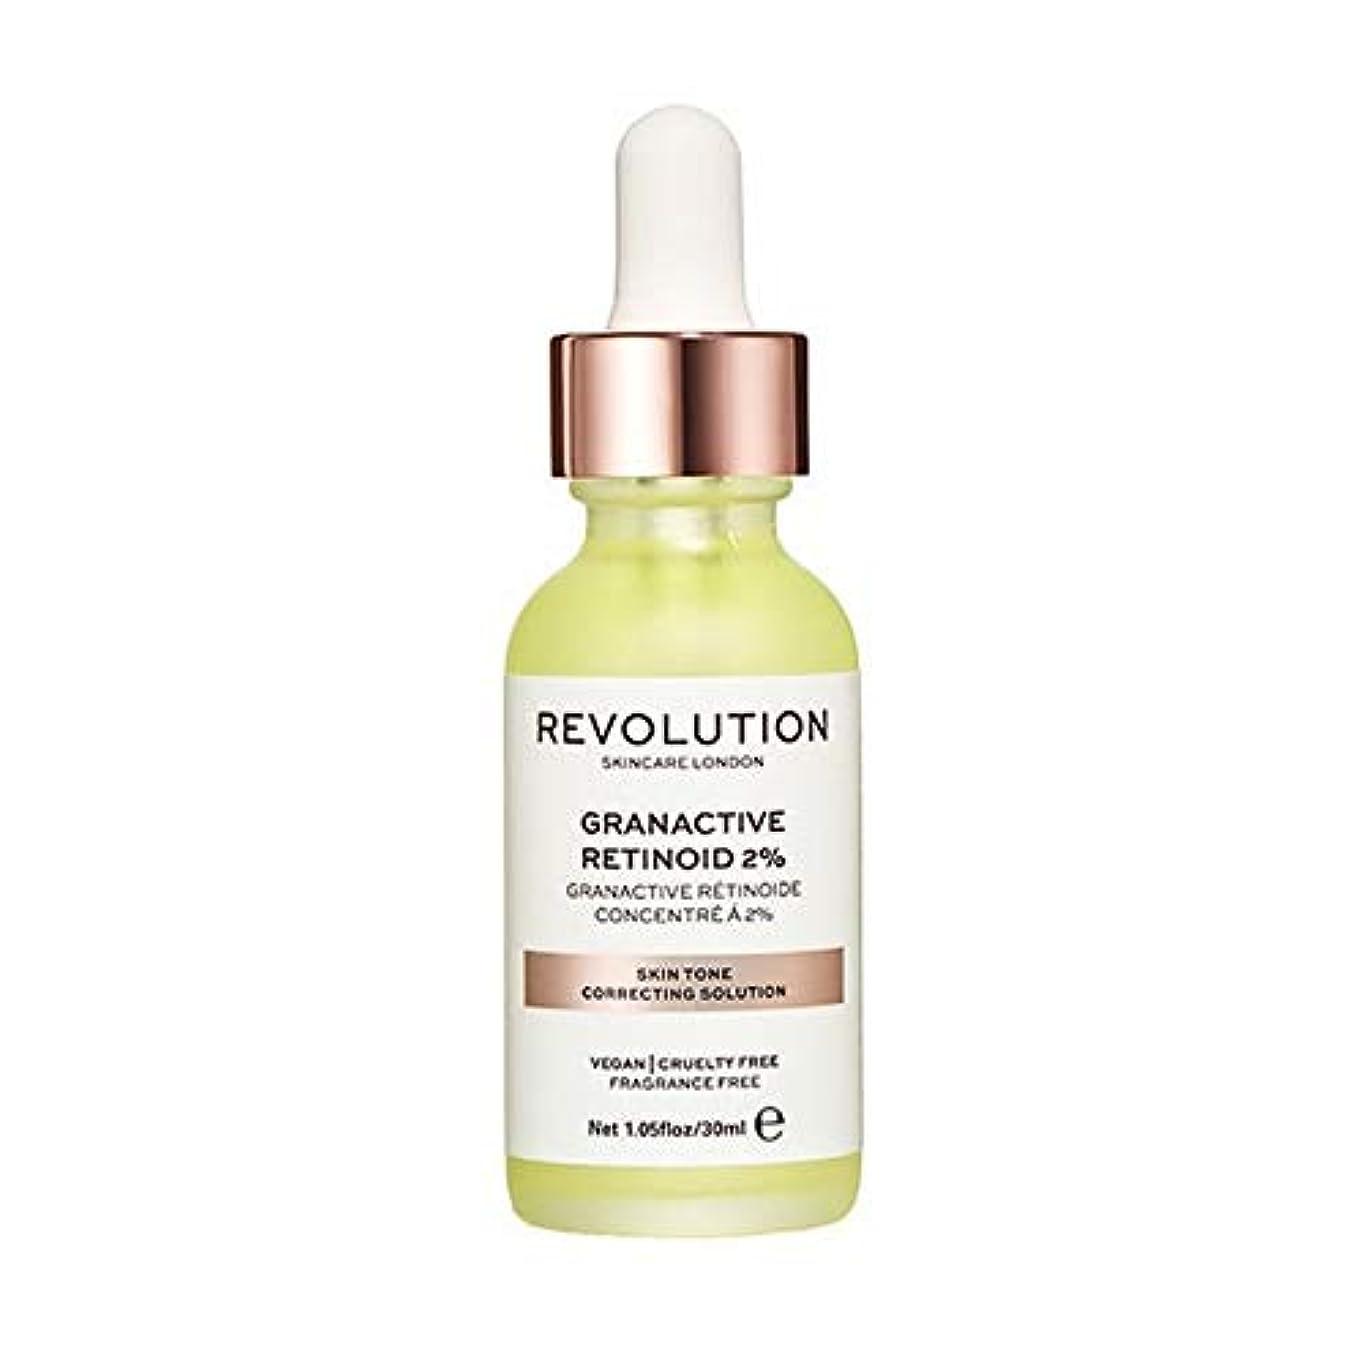 光適切な沿って[Revolution] 血清を修正回転スキンケア肌のトーン - Revolution Skincare Skin Tone Correcting Serum [並行輸入品]